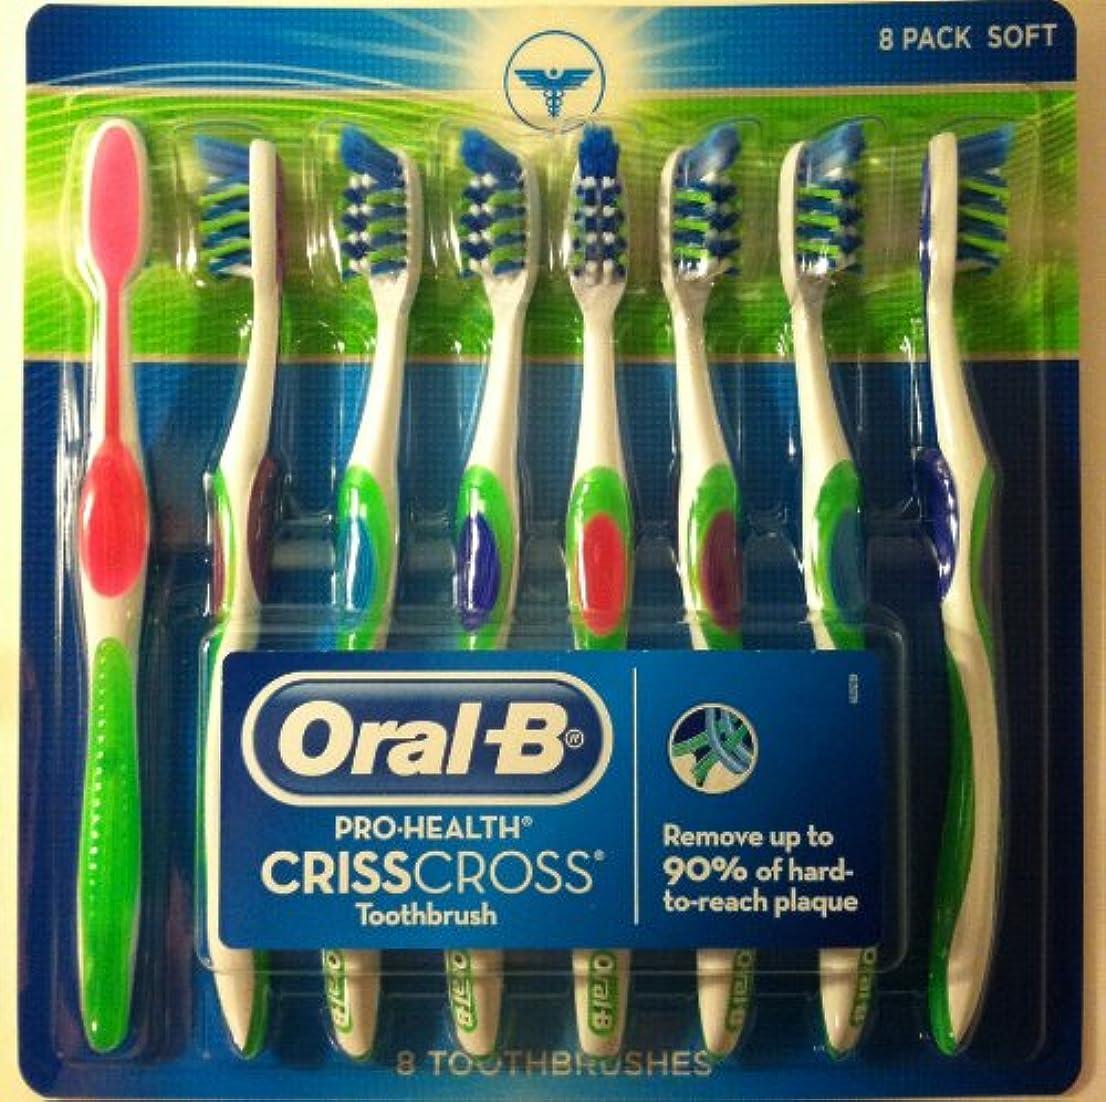 自宅で思いやりのある場所【歯垢をかきだす歯ブラシ】ORAL B® ADVANTAGE CRISSCROSS TOOTHBRUSH - SOFT 8本 歯ブラシ